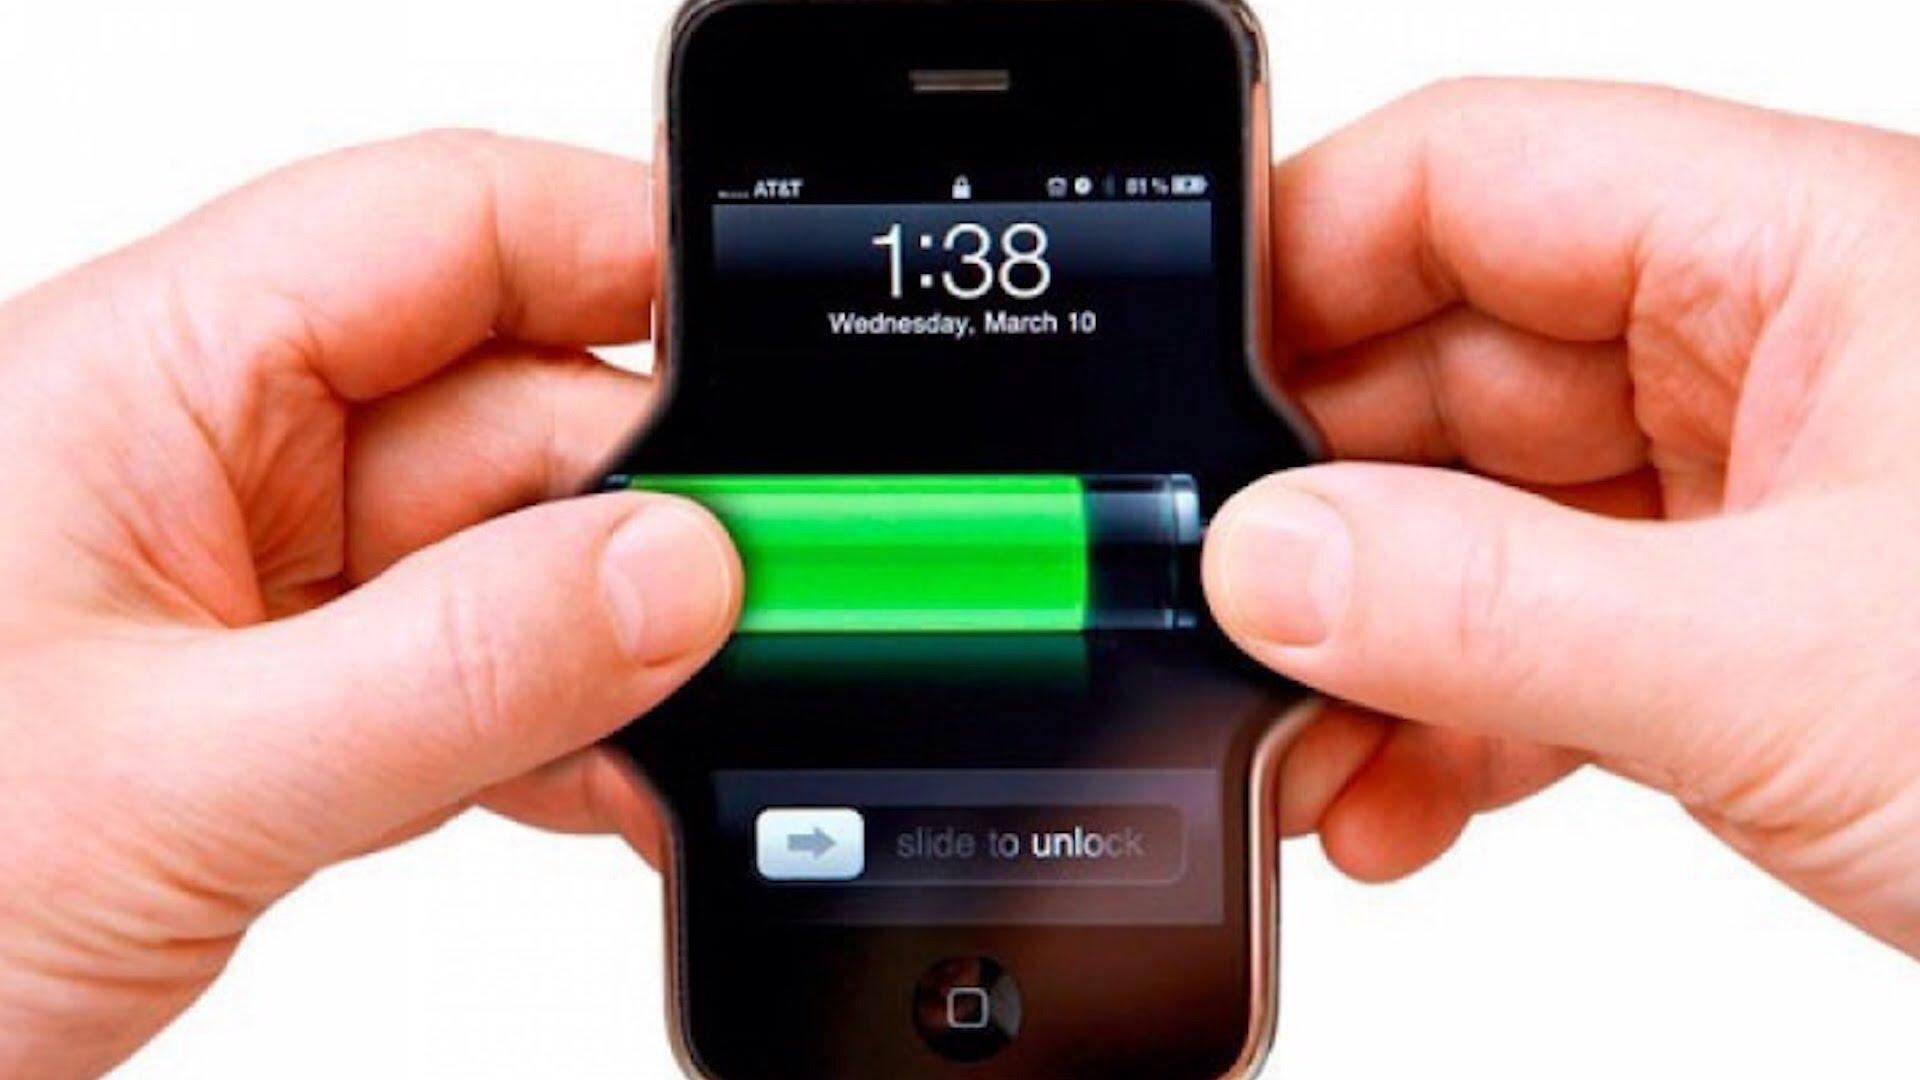 Top 5 Best Smartphones With Longest Battery Life